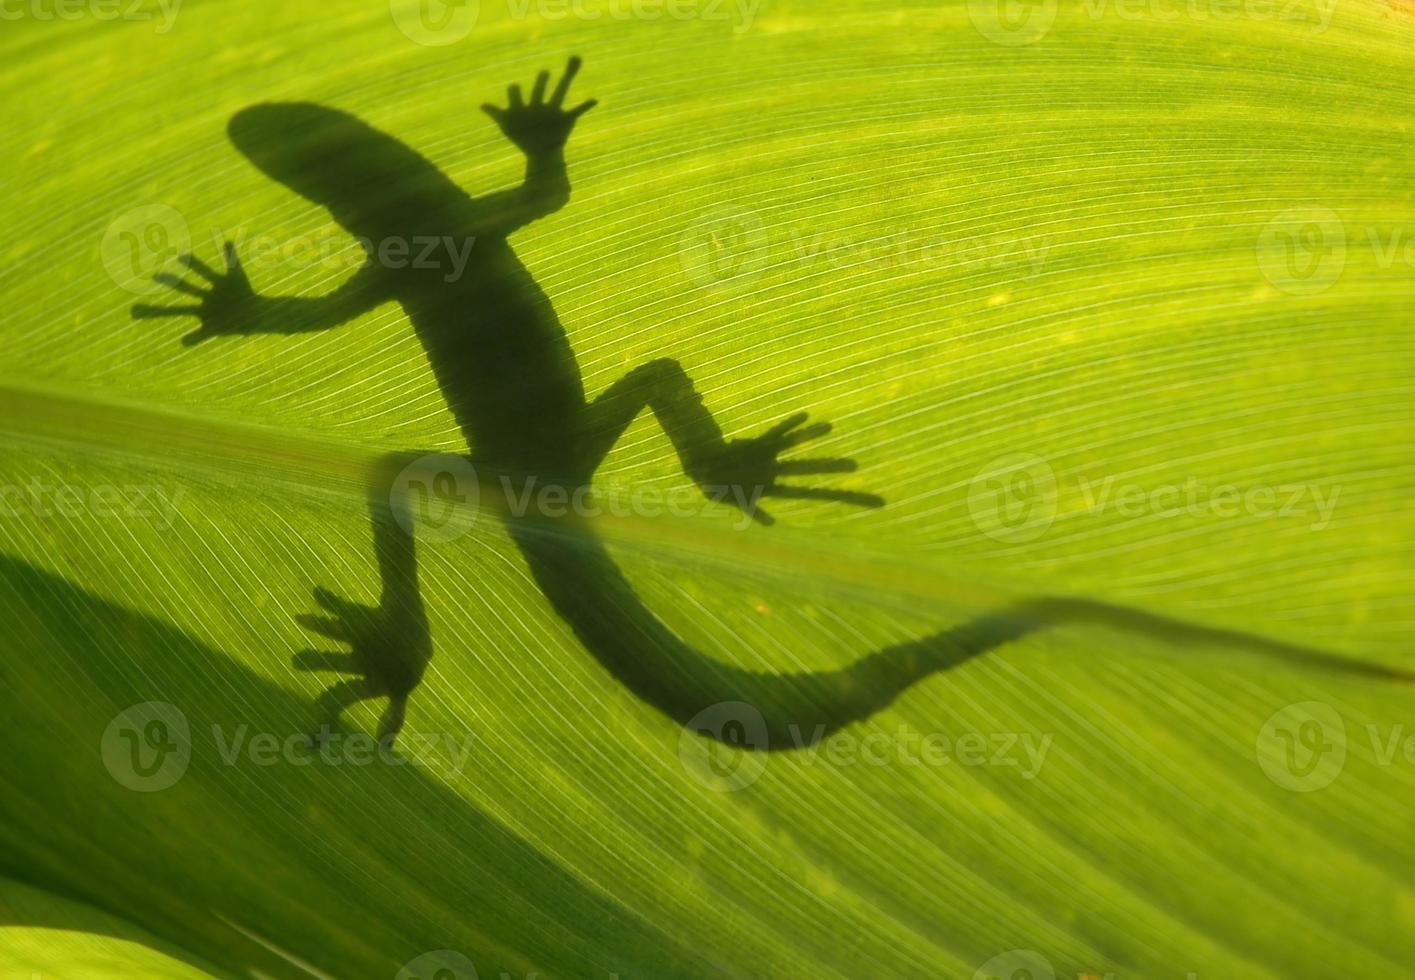 lagarto selvagem na folha de luz de fundo foto